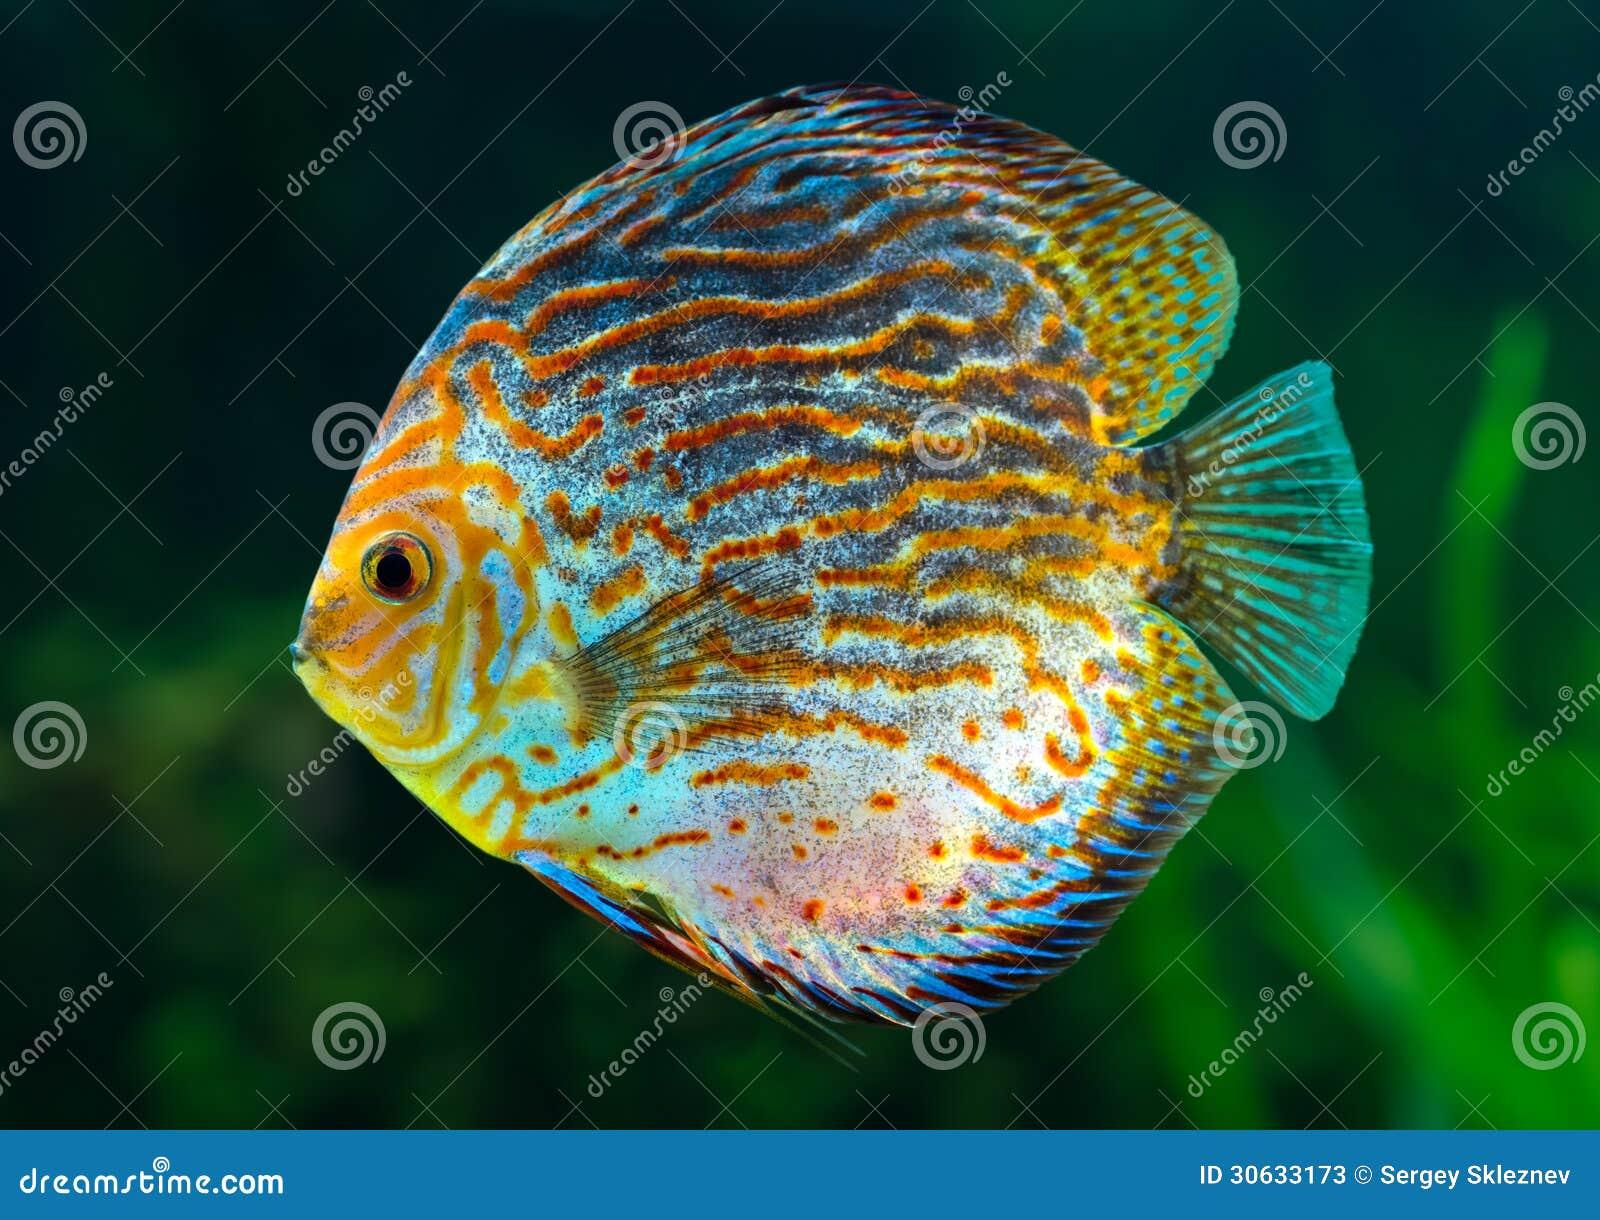 Fish for natural aquarium - Discus Tropical Decorative Fish Stock Photos